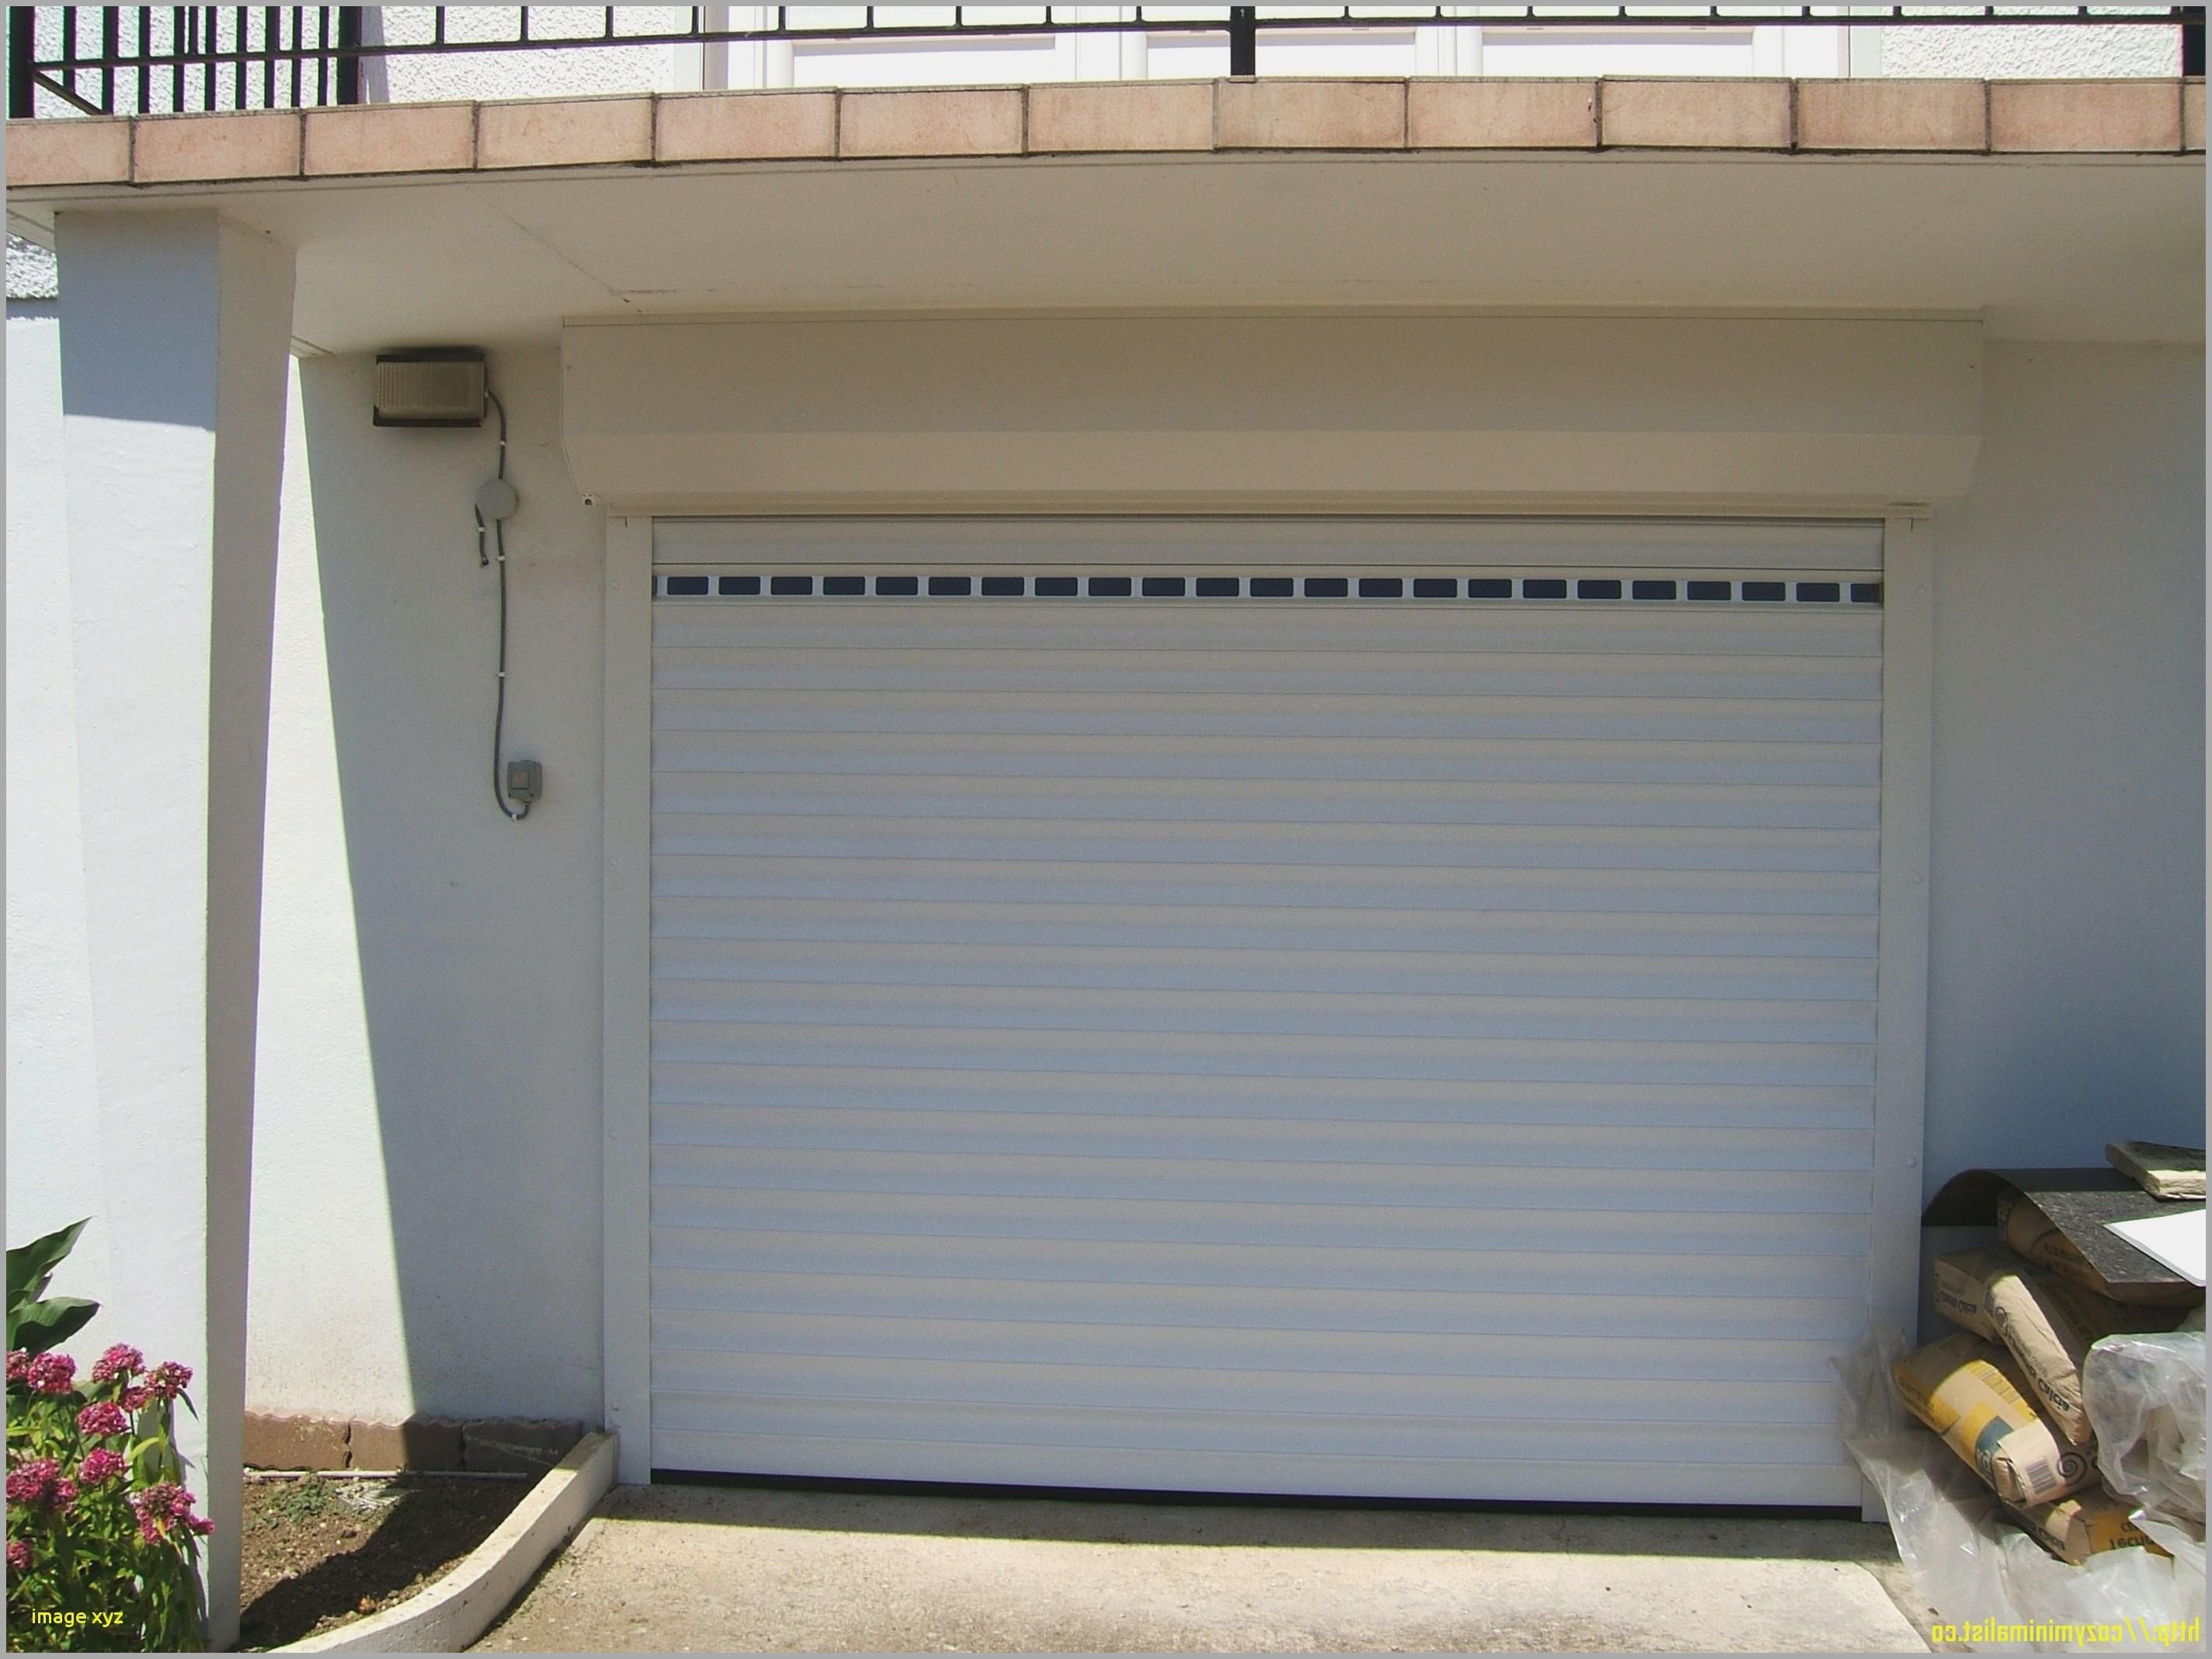 Prix porte de garage enroulable lakal id es de travaux - Prix porte garage ...